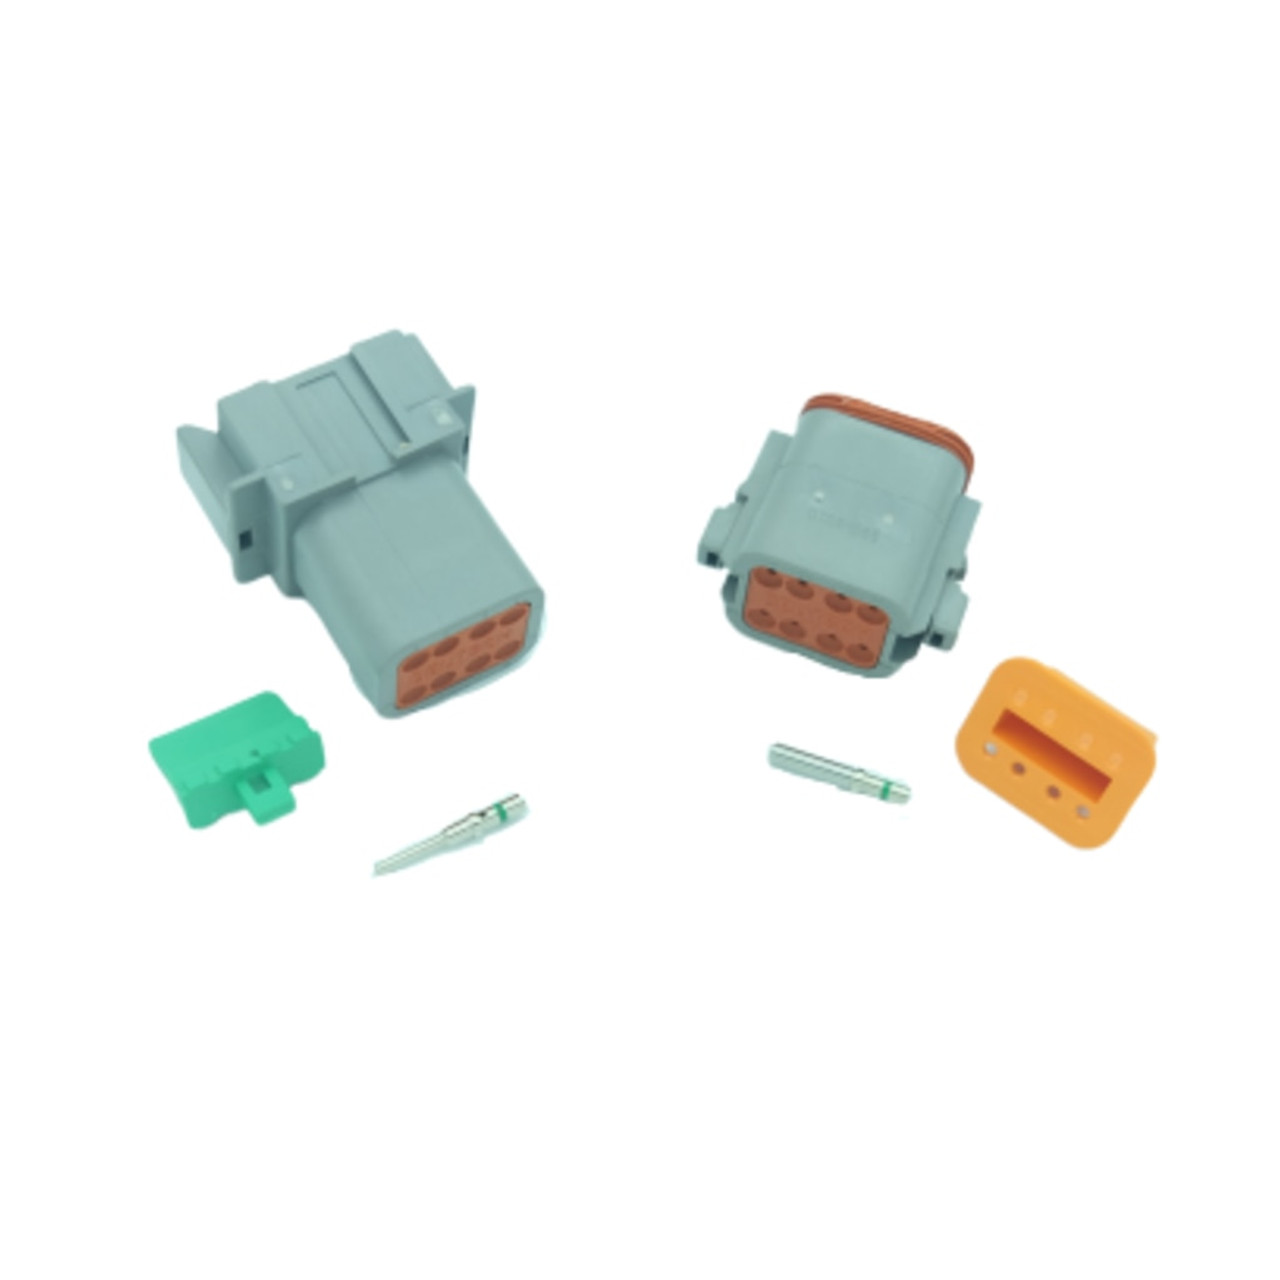 8 pin Deutsch connector set